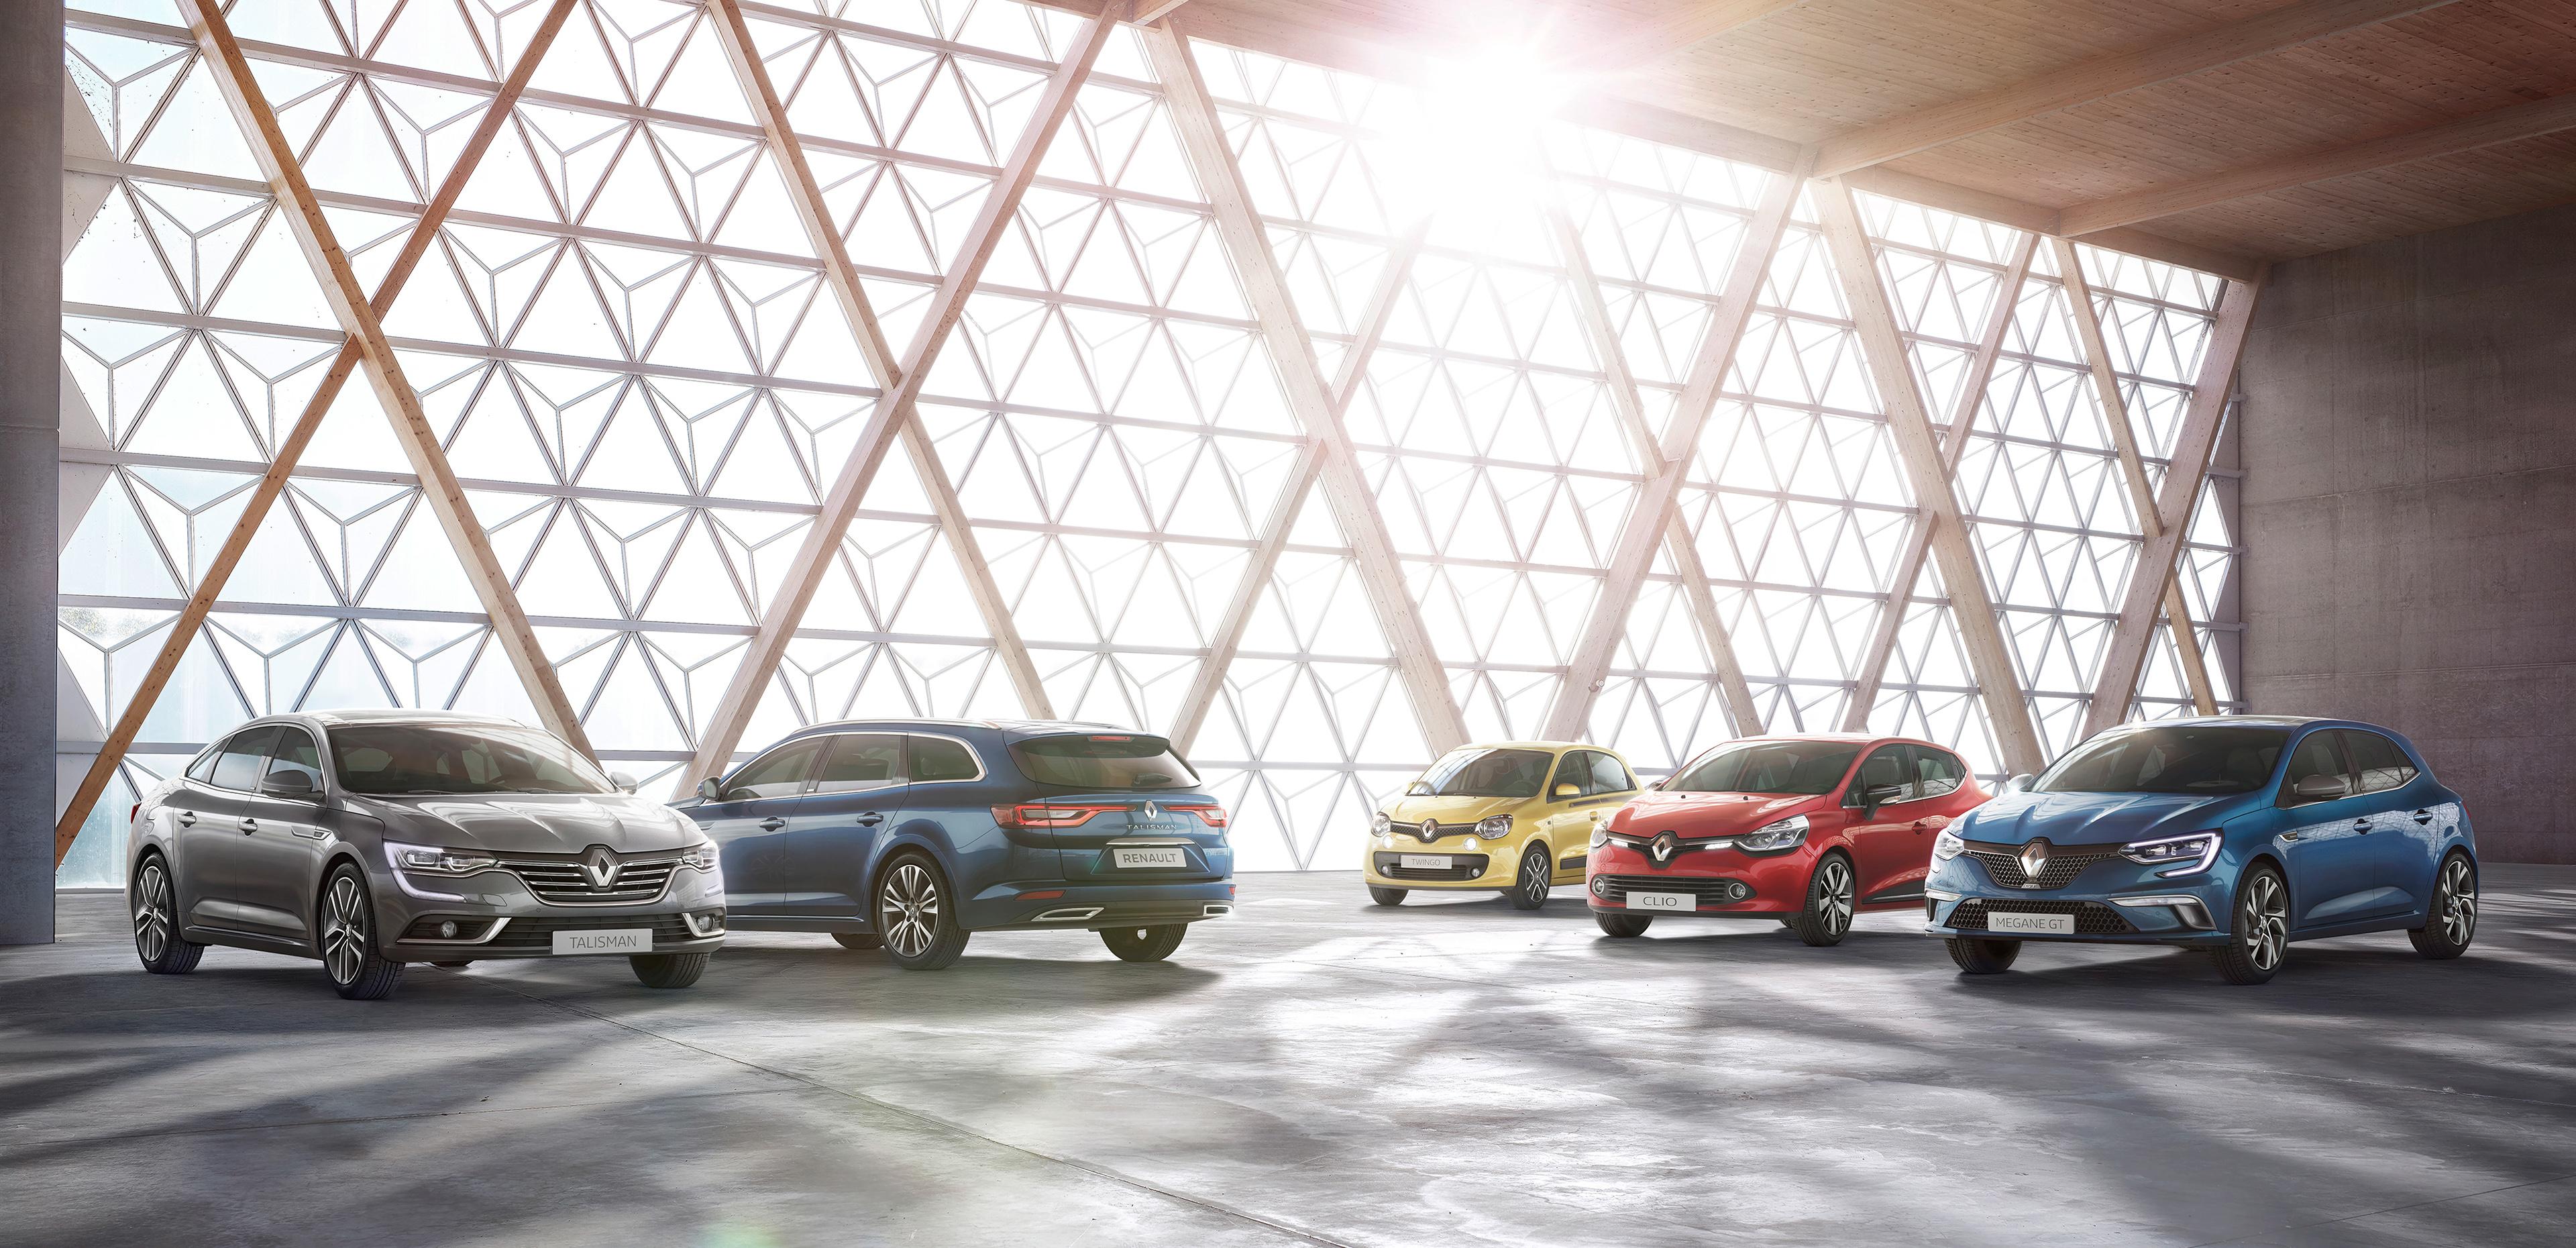 Renault Car Range Cgi On Behance